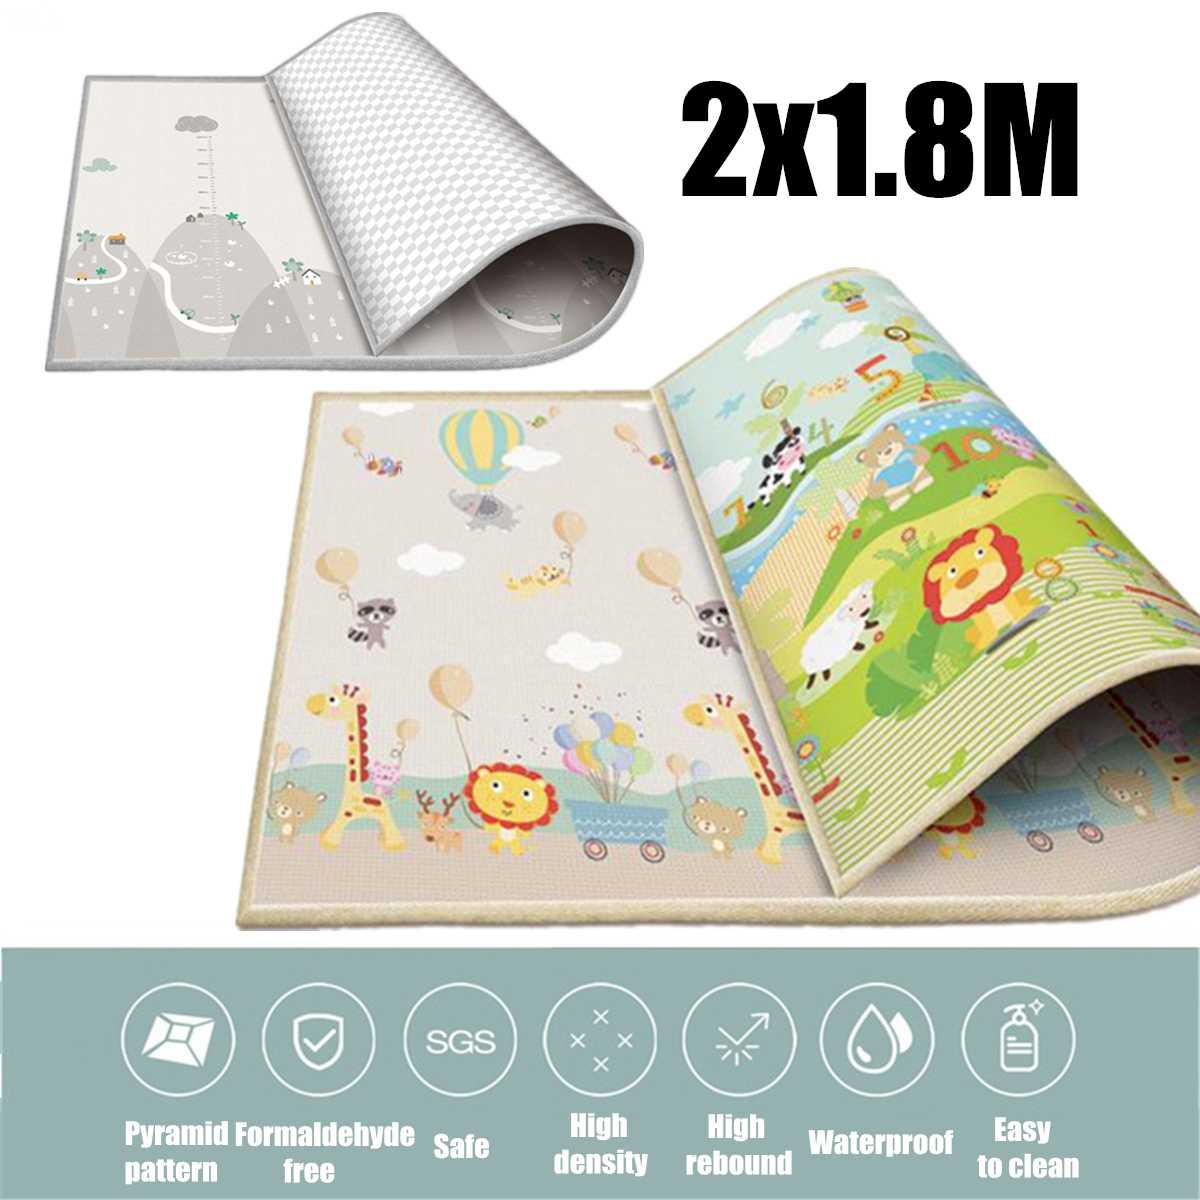 200x180 cm LDPE bébé ramper tapis de jeu épaissir tapis de jeu tapis enfants tapis couvre-sol Double face imperméable à l'eau